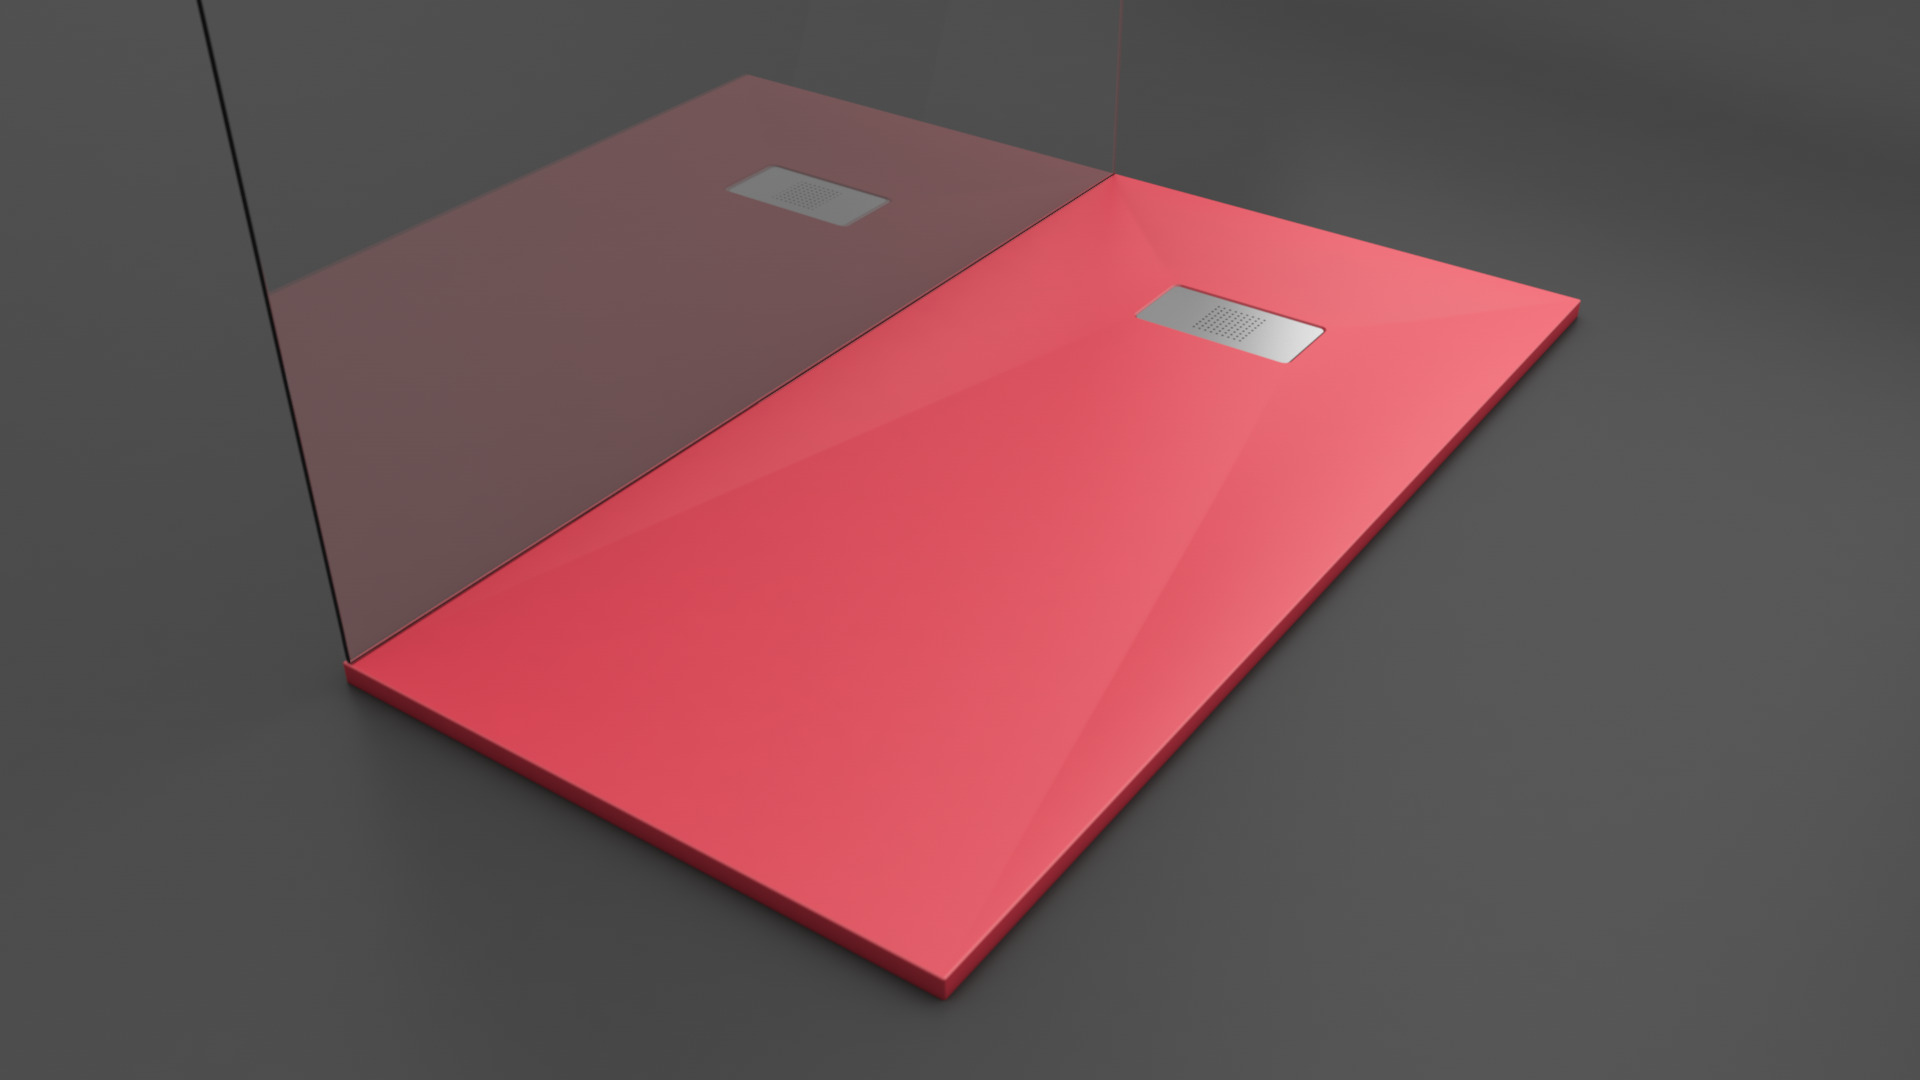 Texence Double Square - Plato de ducha rojo